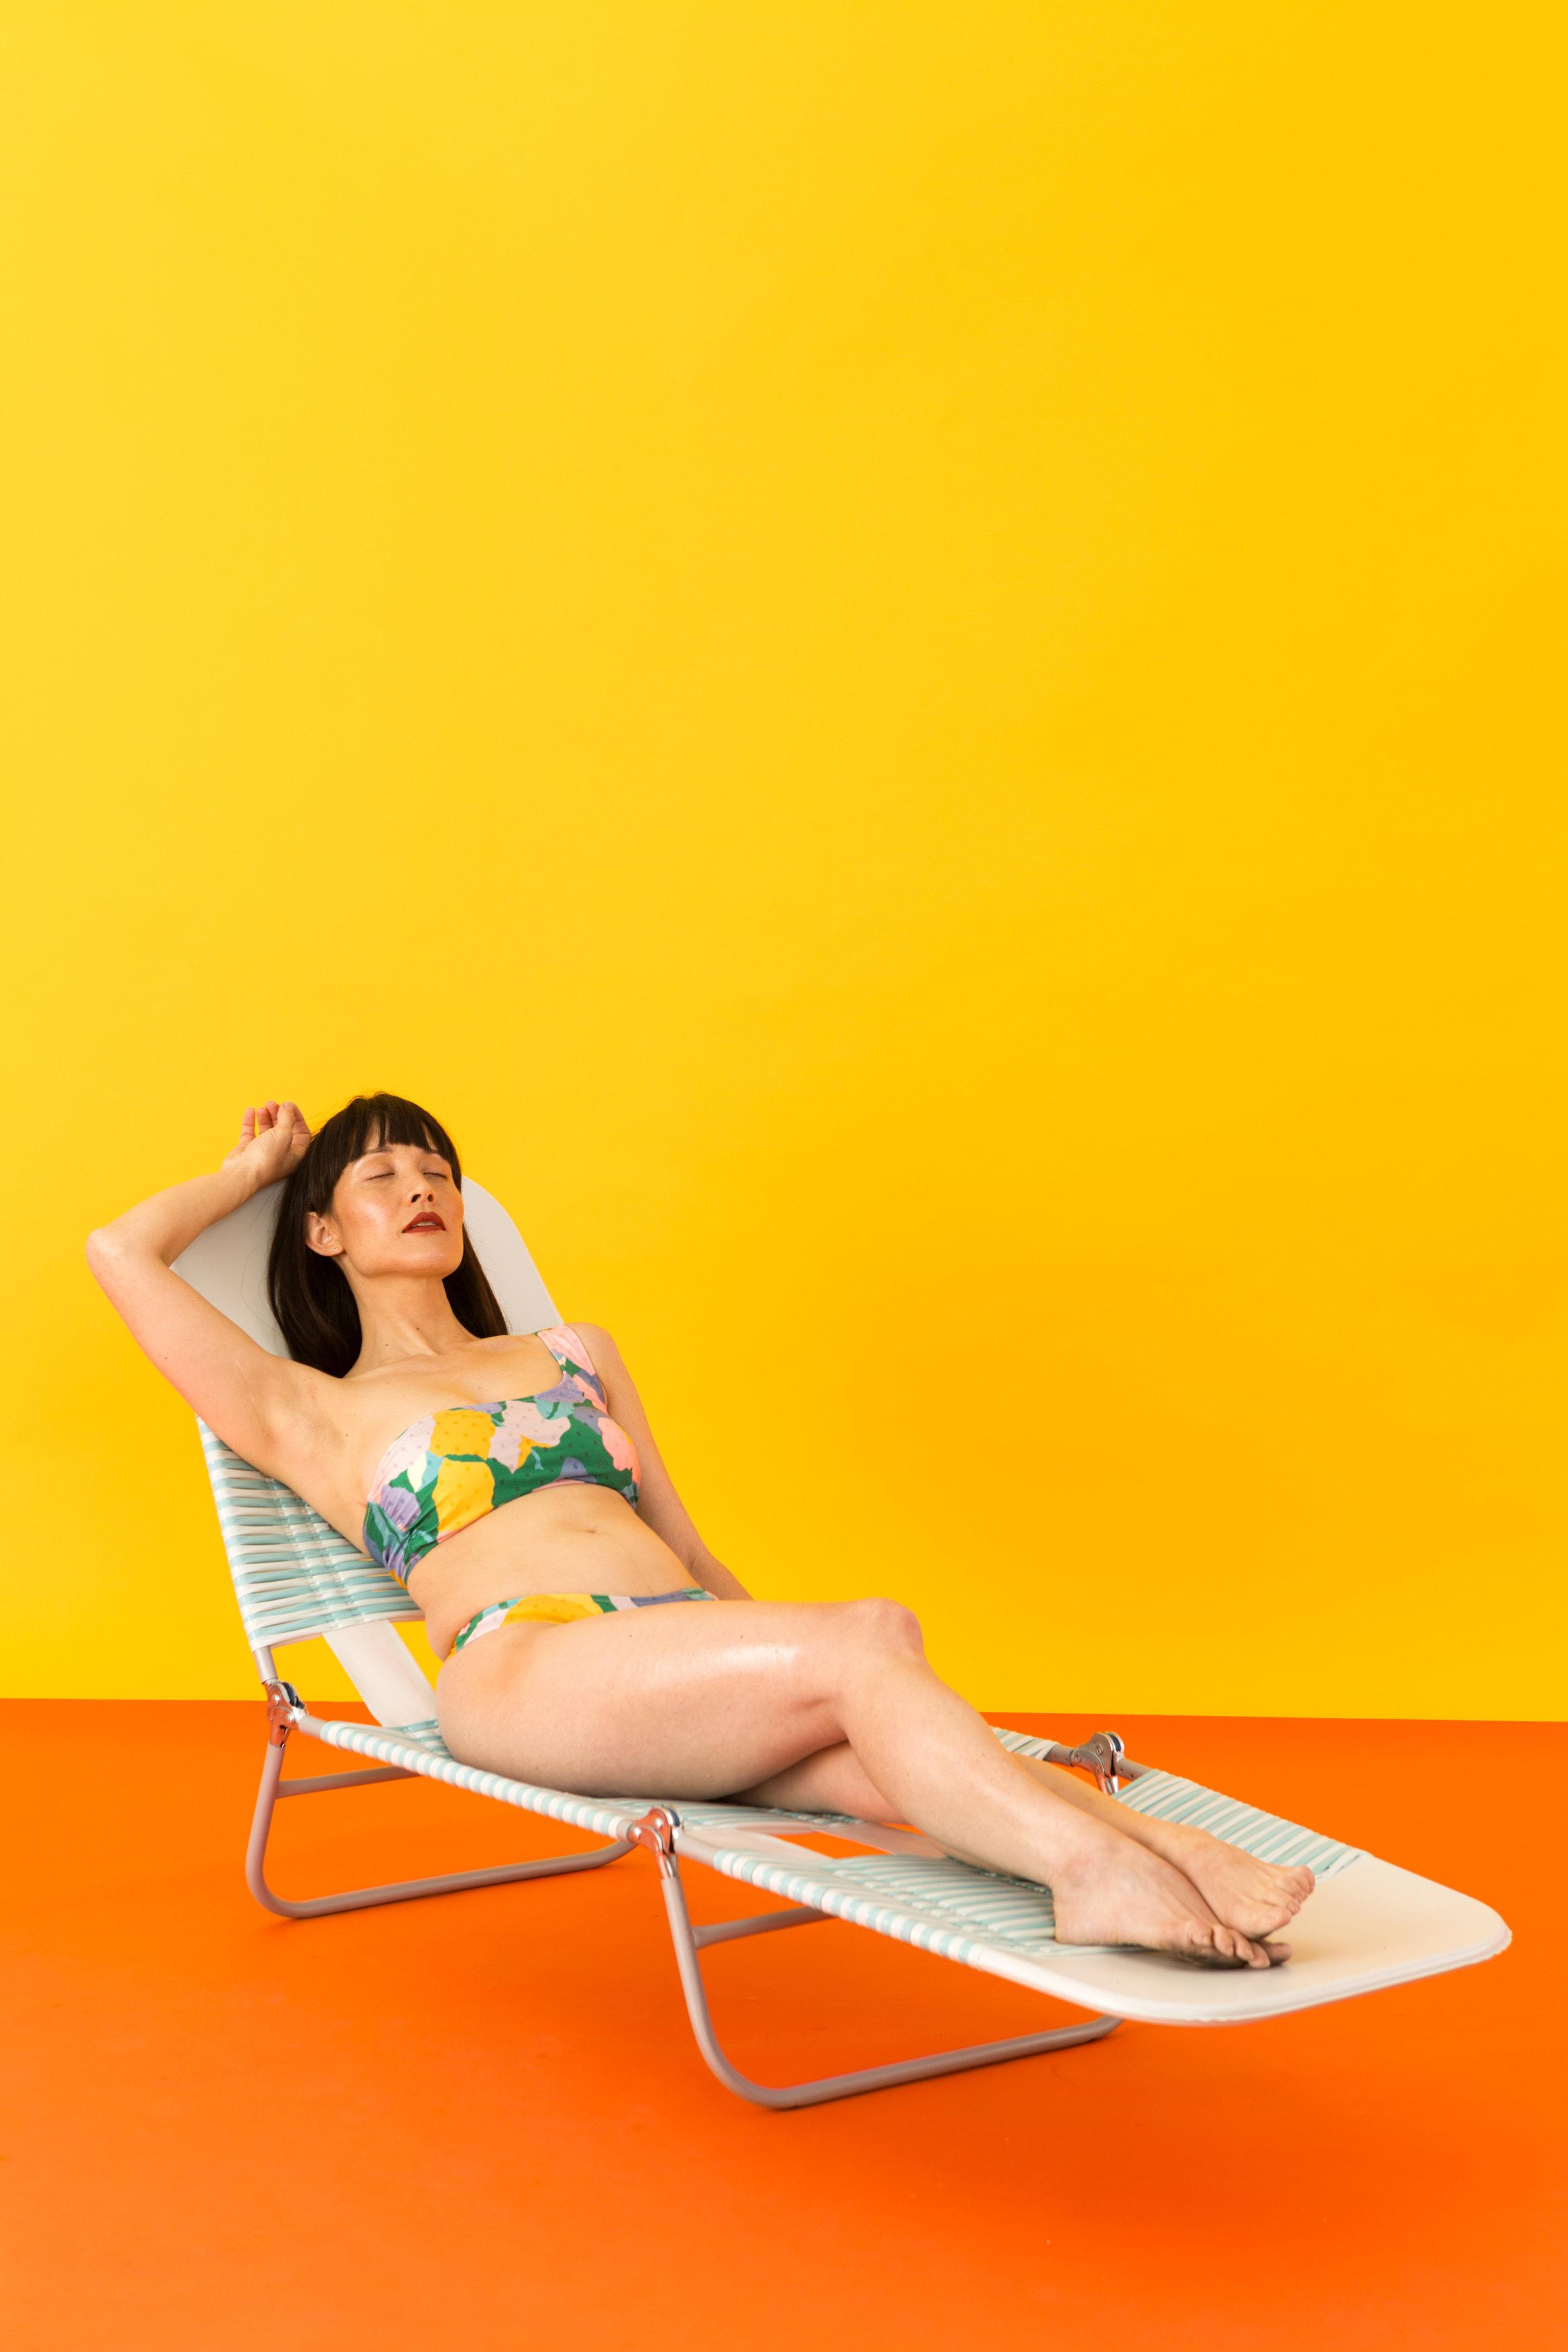 Swimsuit_Guide_004 (1).jpg